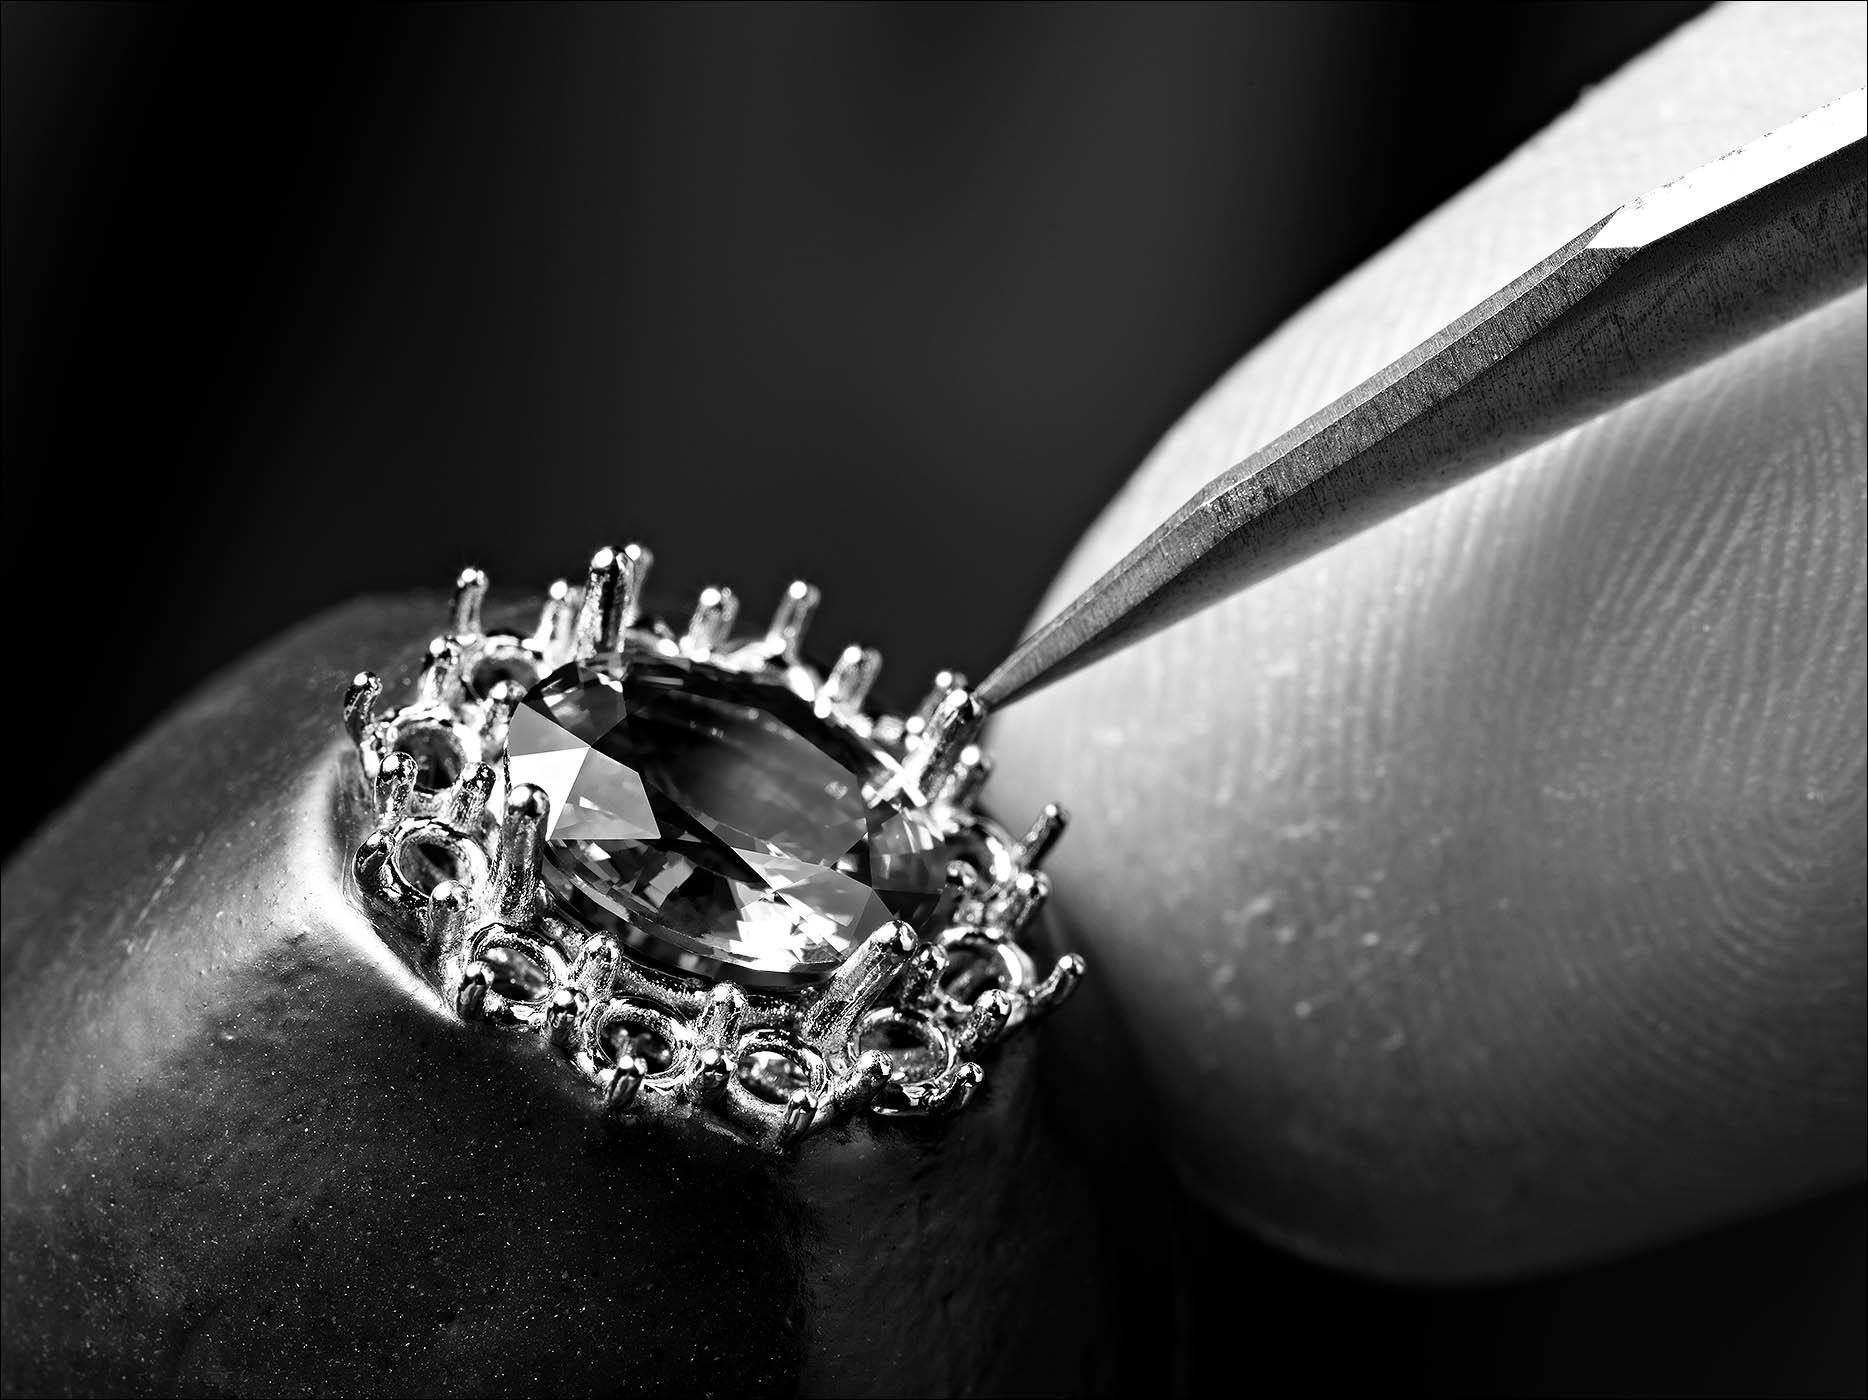 Fotografo gioielli e prodotti luxury | Andrea Sudati Photo Studio